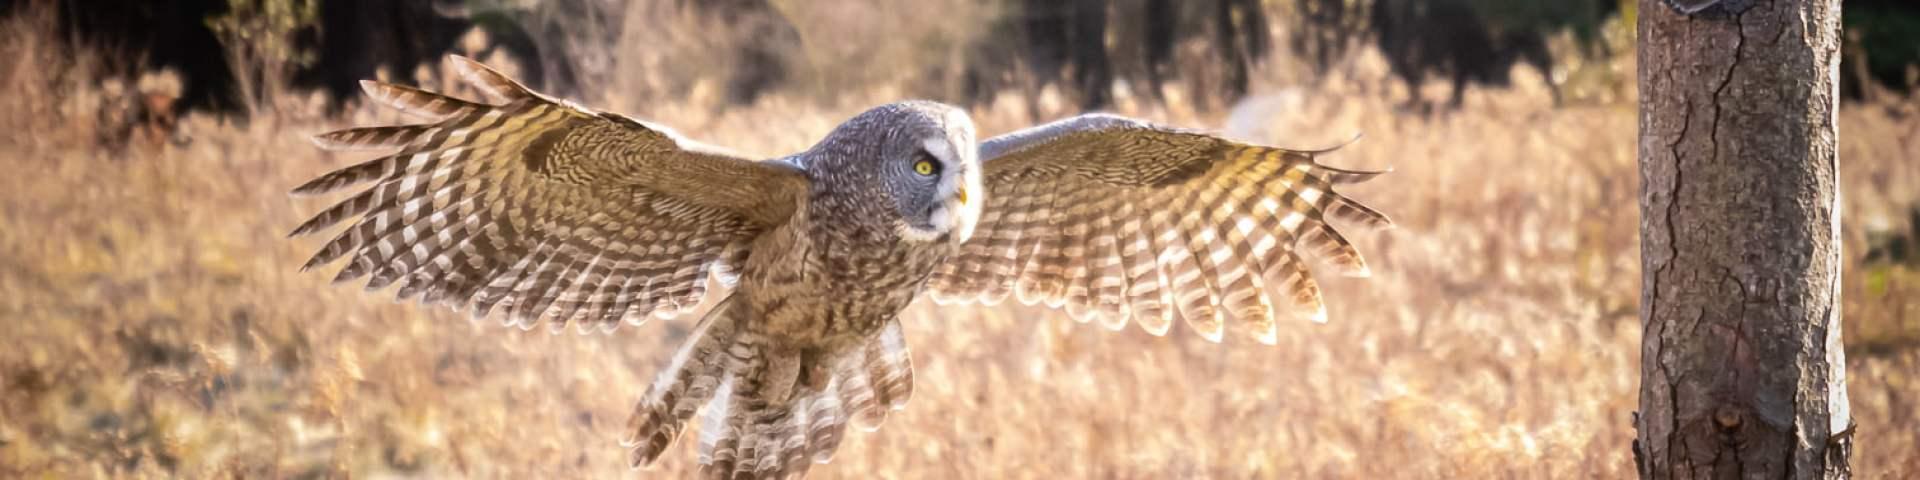 Barn Owl - a raptor